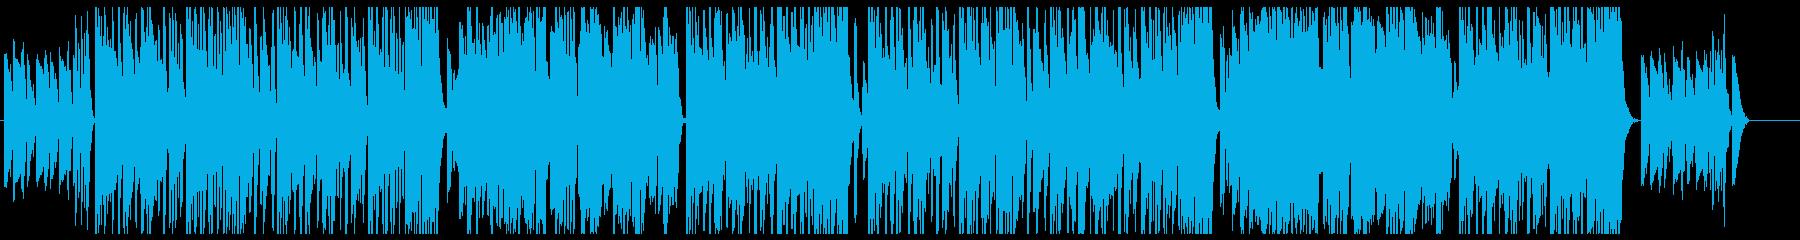 ボサノバ風ポップスの再生済みの波形